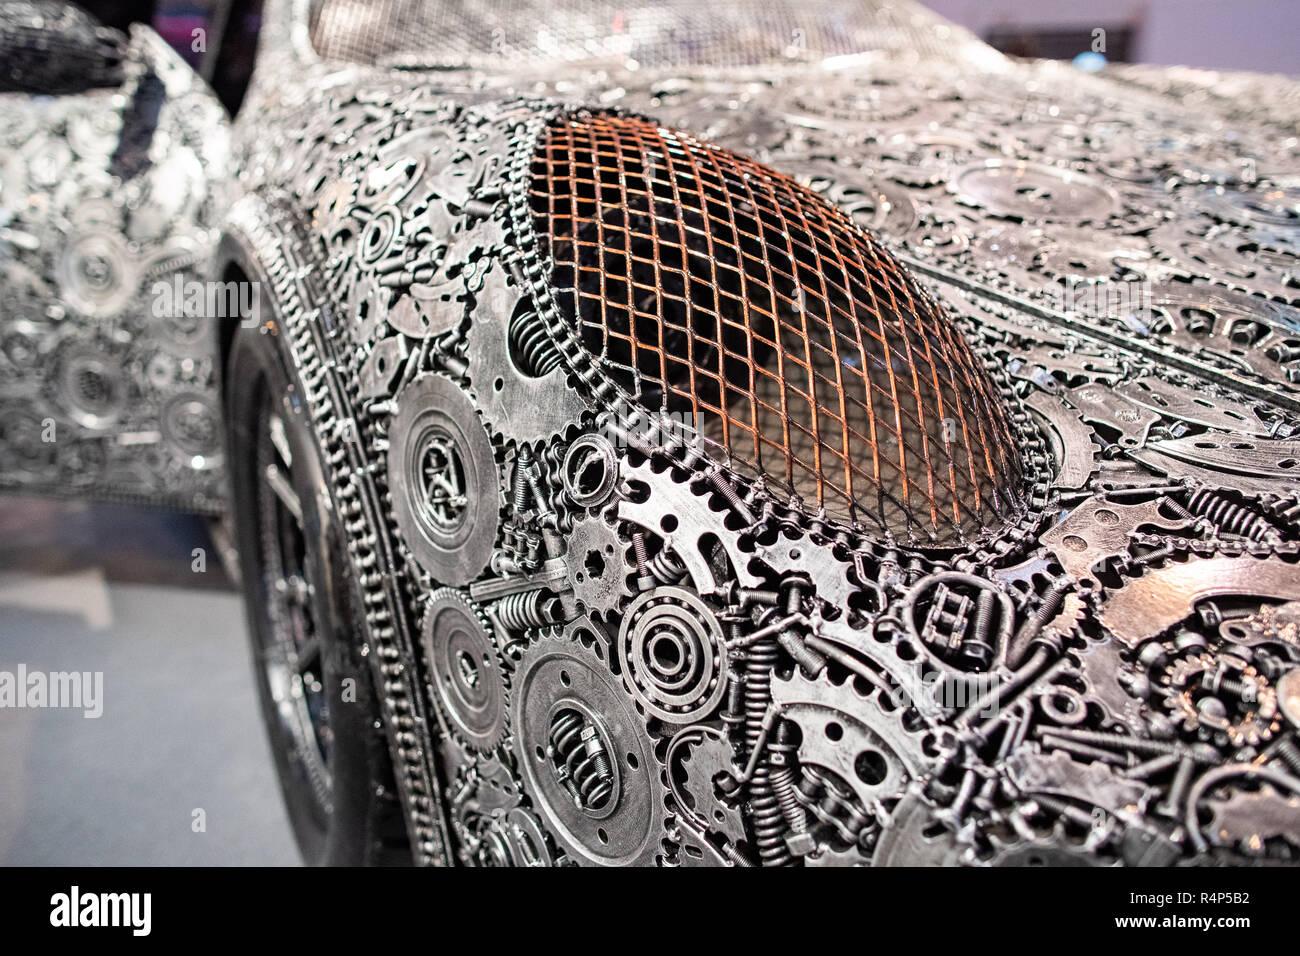 Essen, Alemania. 28 Nov, 2018. Un Porsche GT3 RS, montado a partir de alrededor de 20.000 piezas de chatarra, serán exhibidos en una sala de la Essen Motor Show. La feria del automóvil de 01. a 9.12.2018. Crédito: Marcel Kusch/dpa/Alamy Live News Imagen De Stock